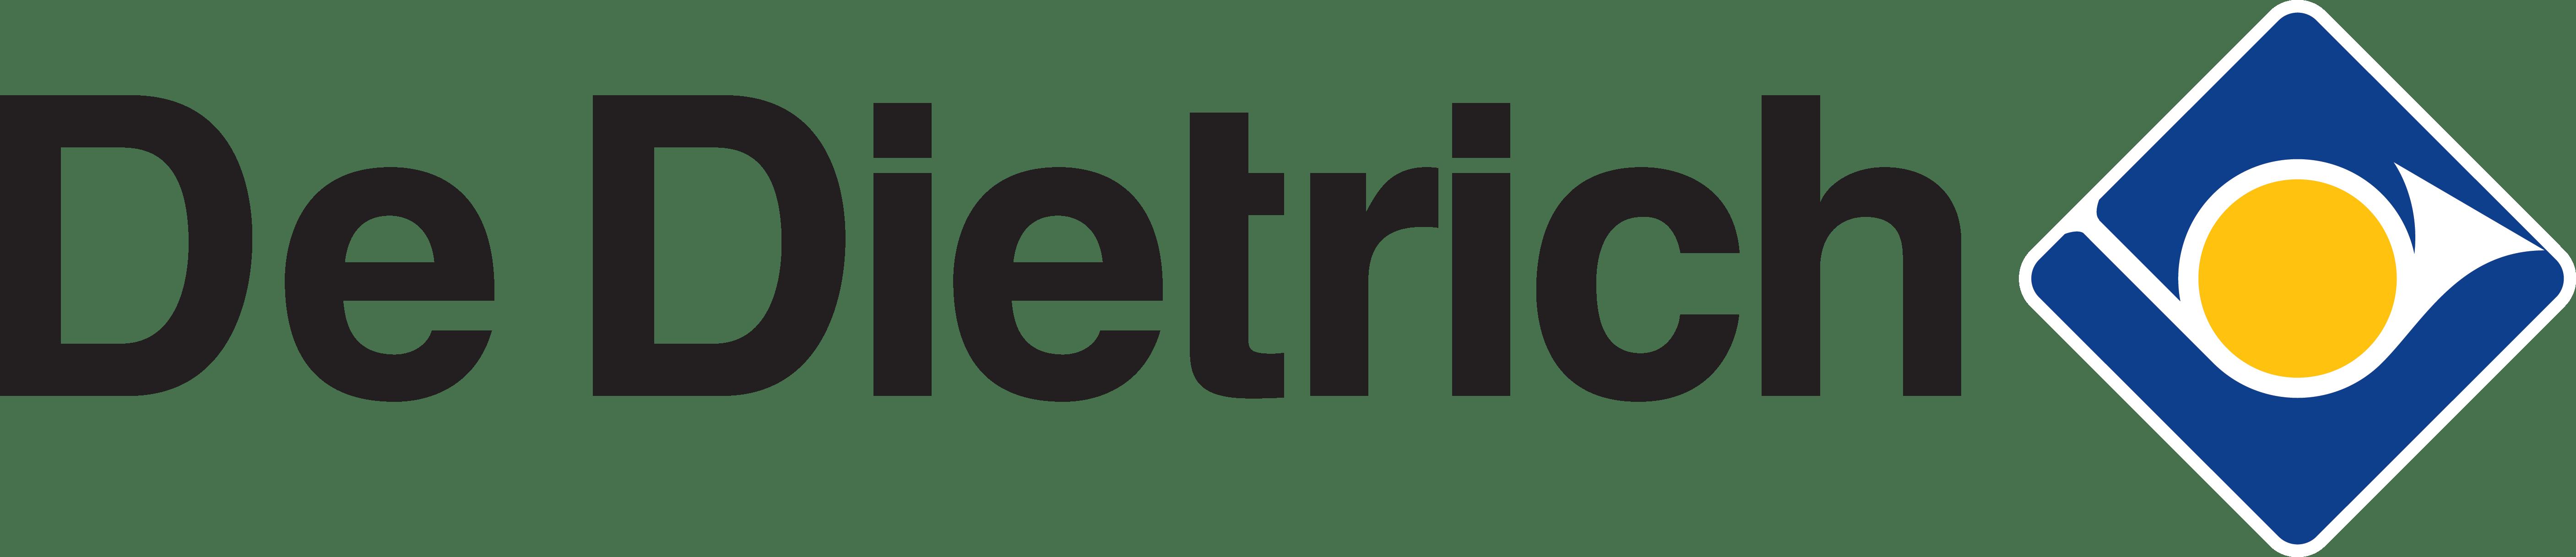 dedietrich_new_logo